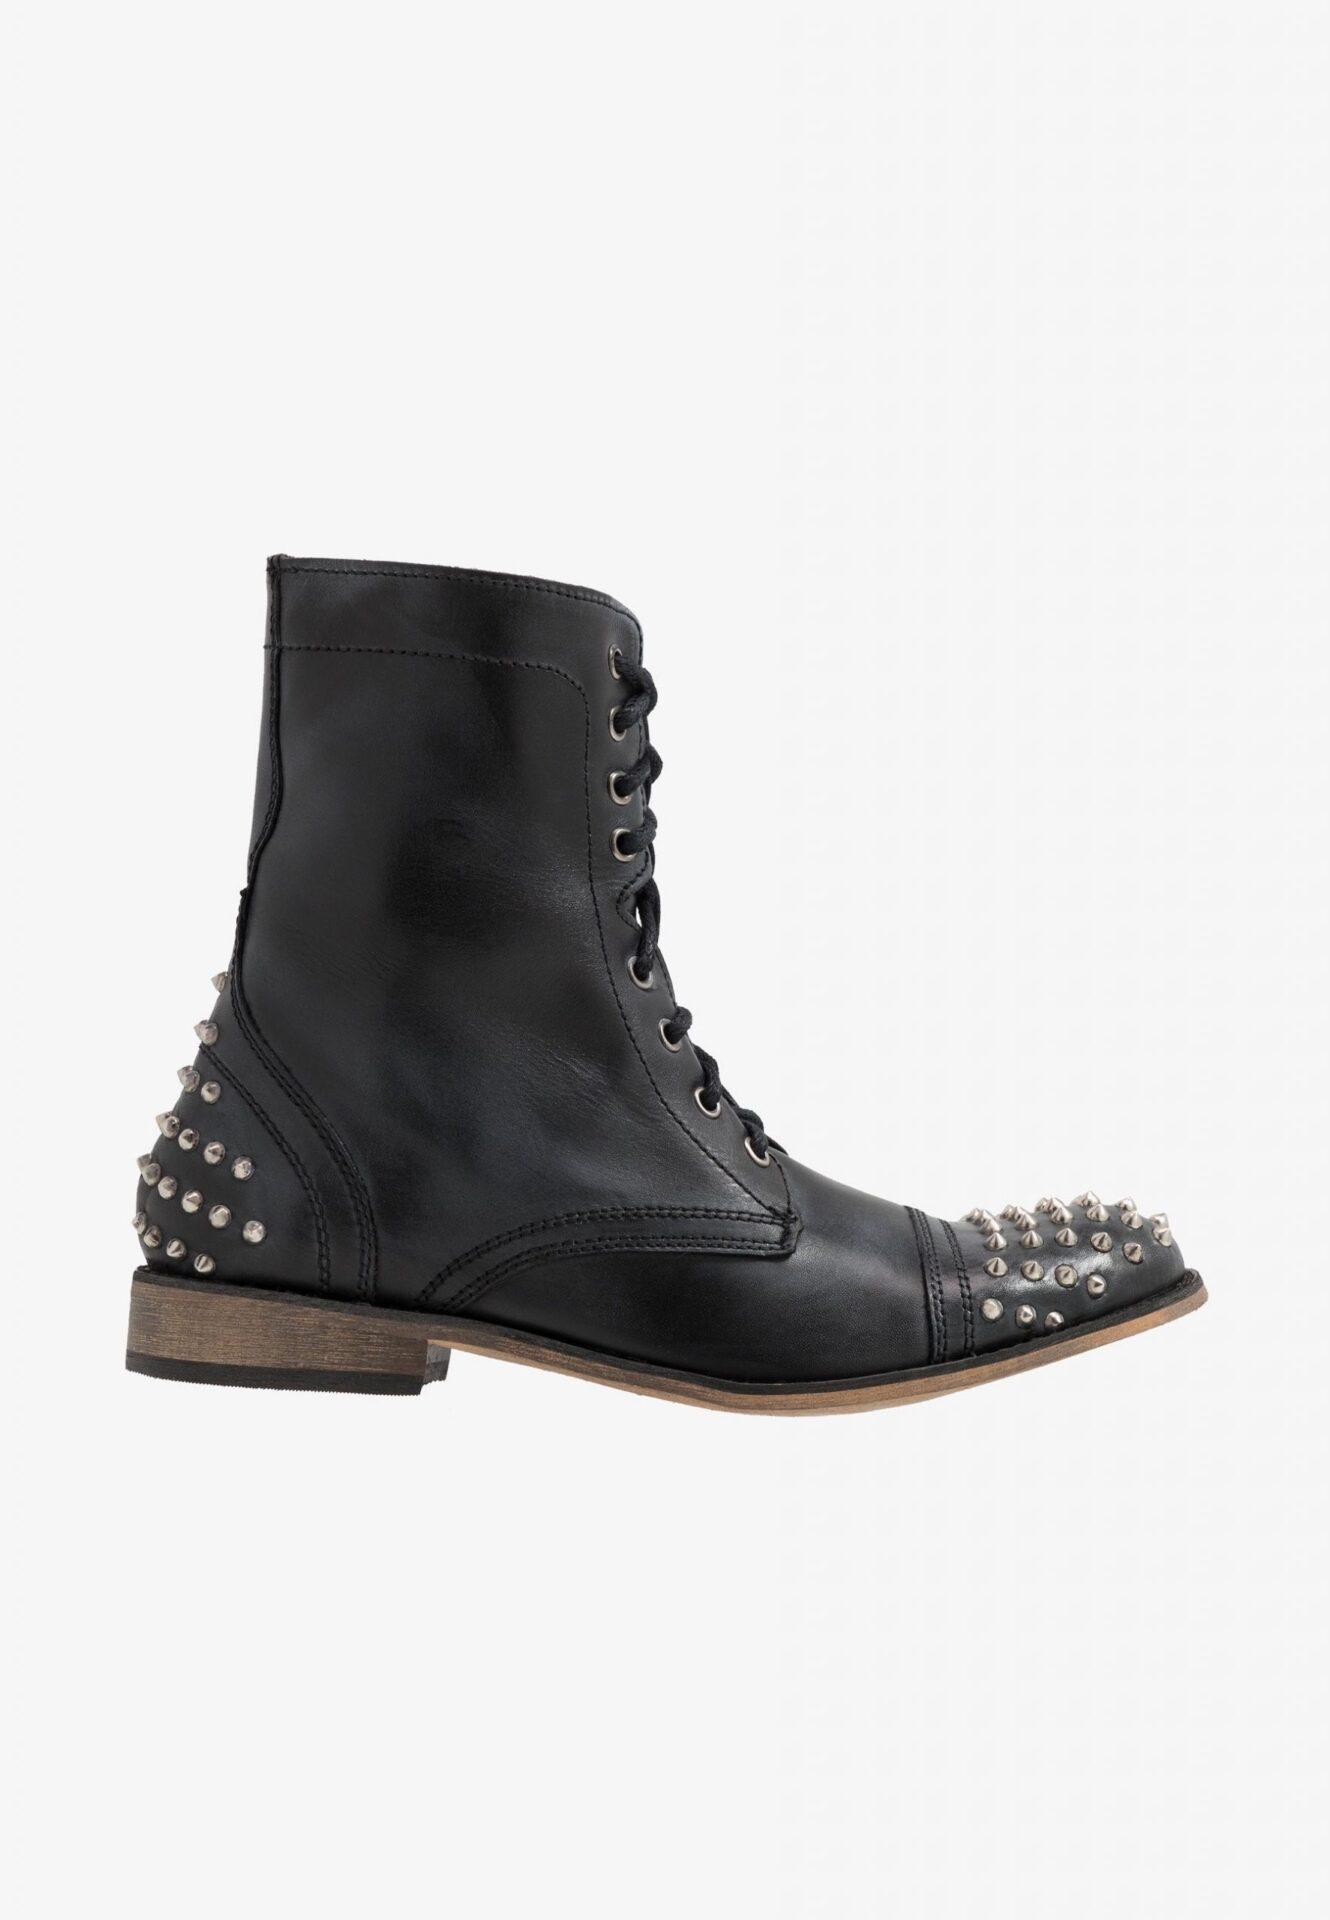 STEVE MADDEN TROOPER-S Black Leather